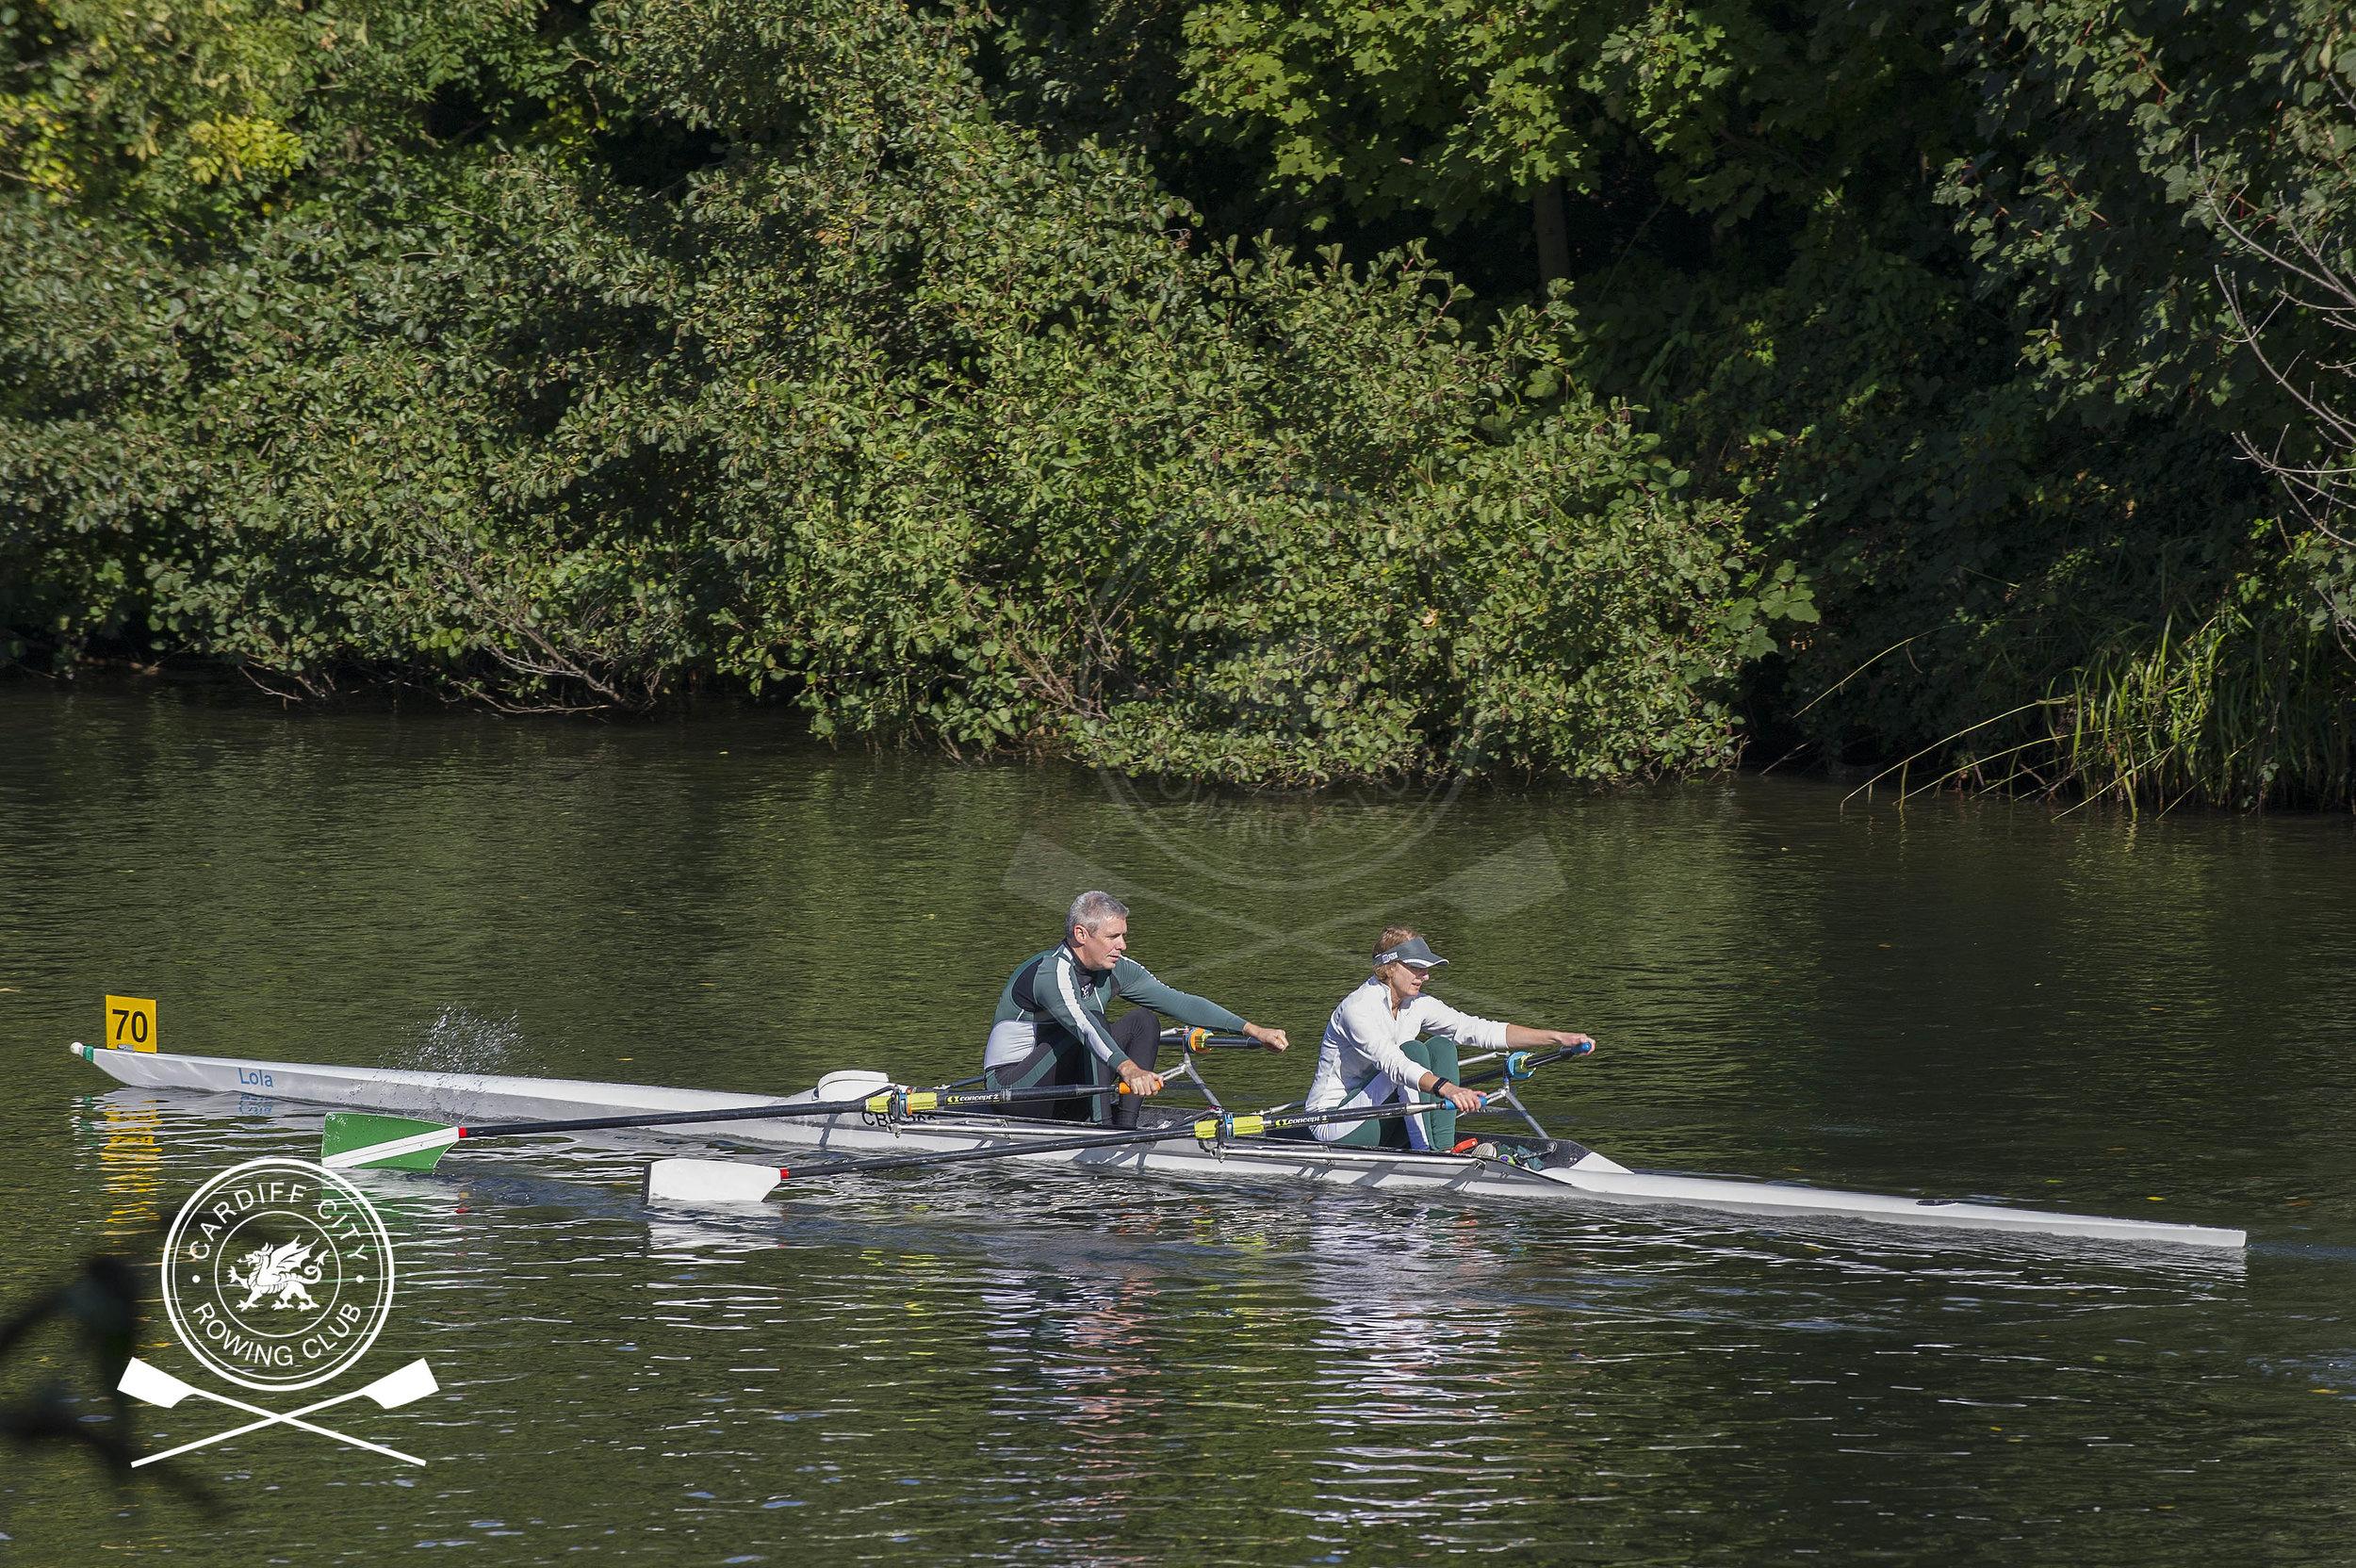 Cardiff_City_Head_Race_189.jpg